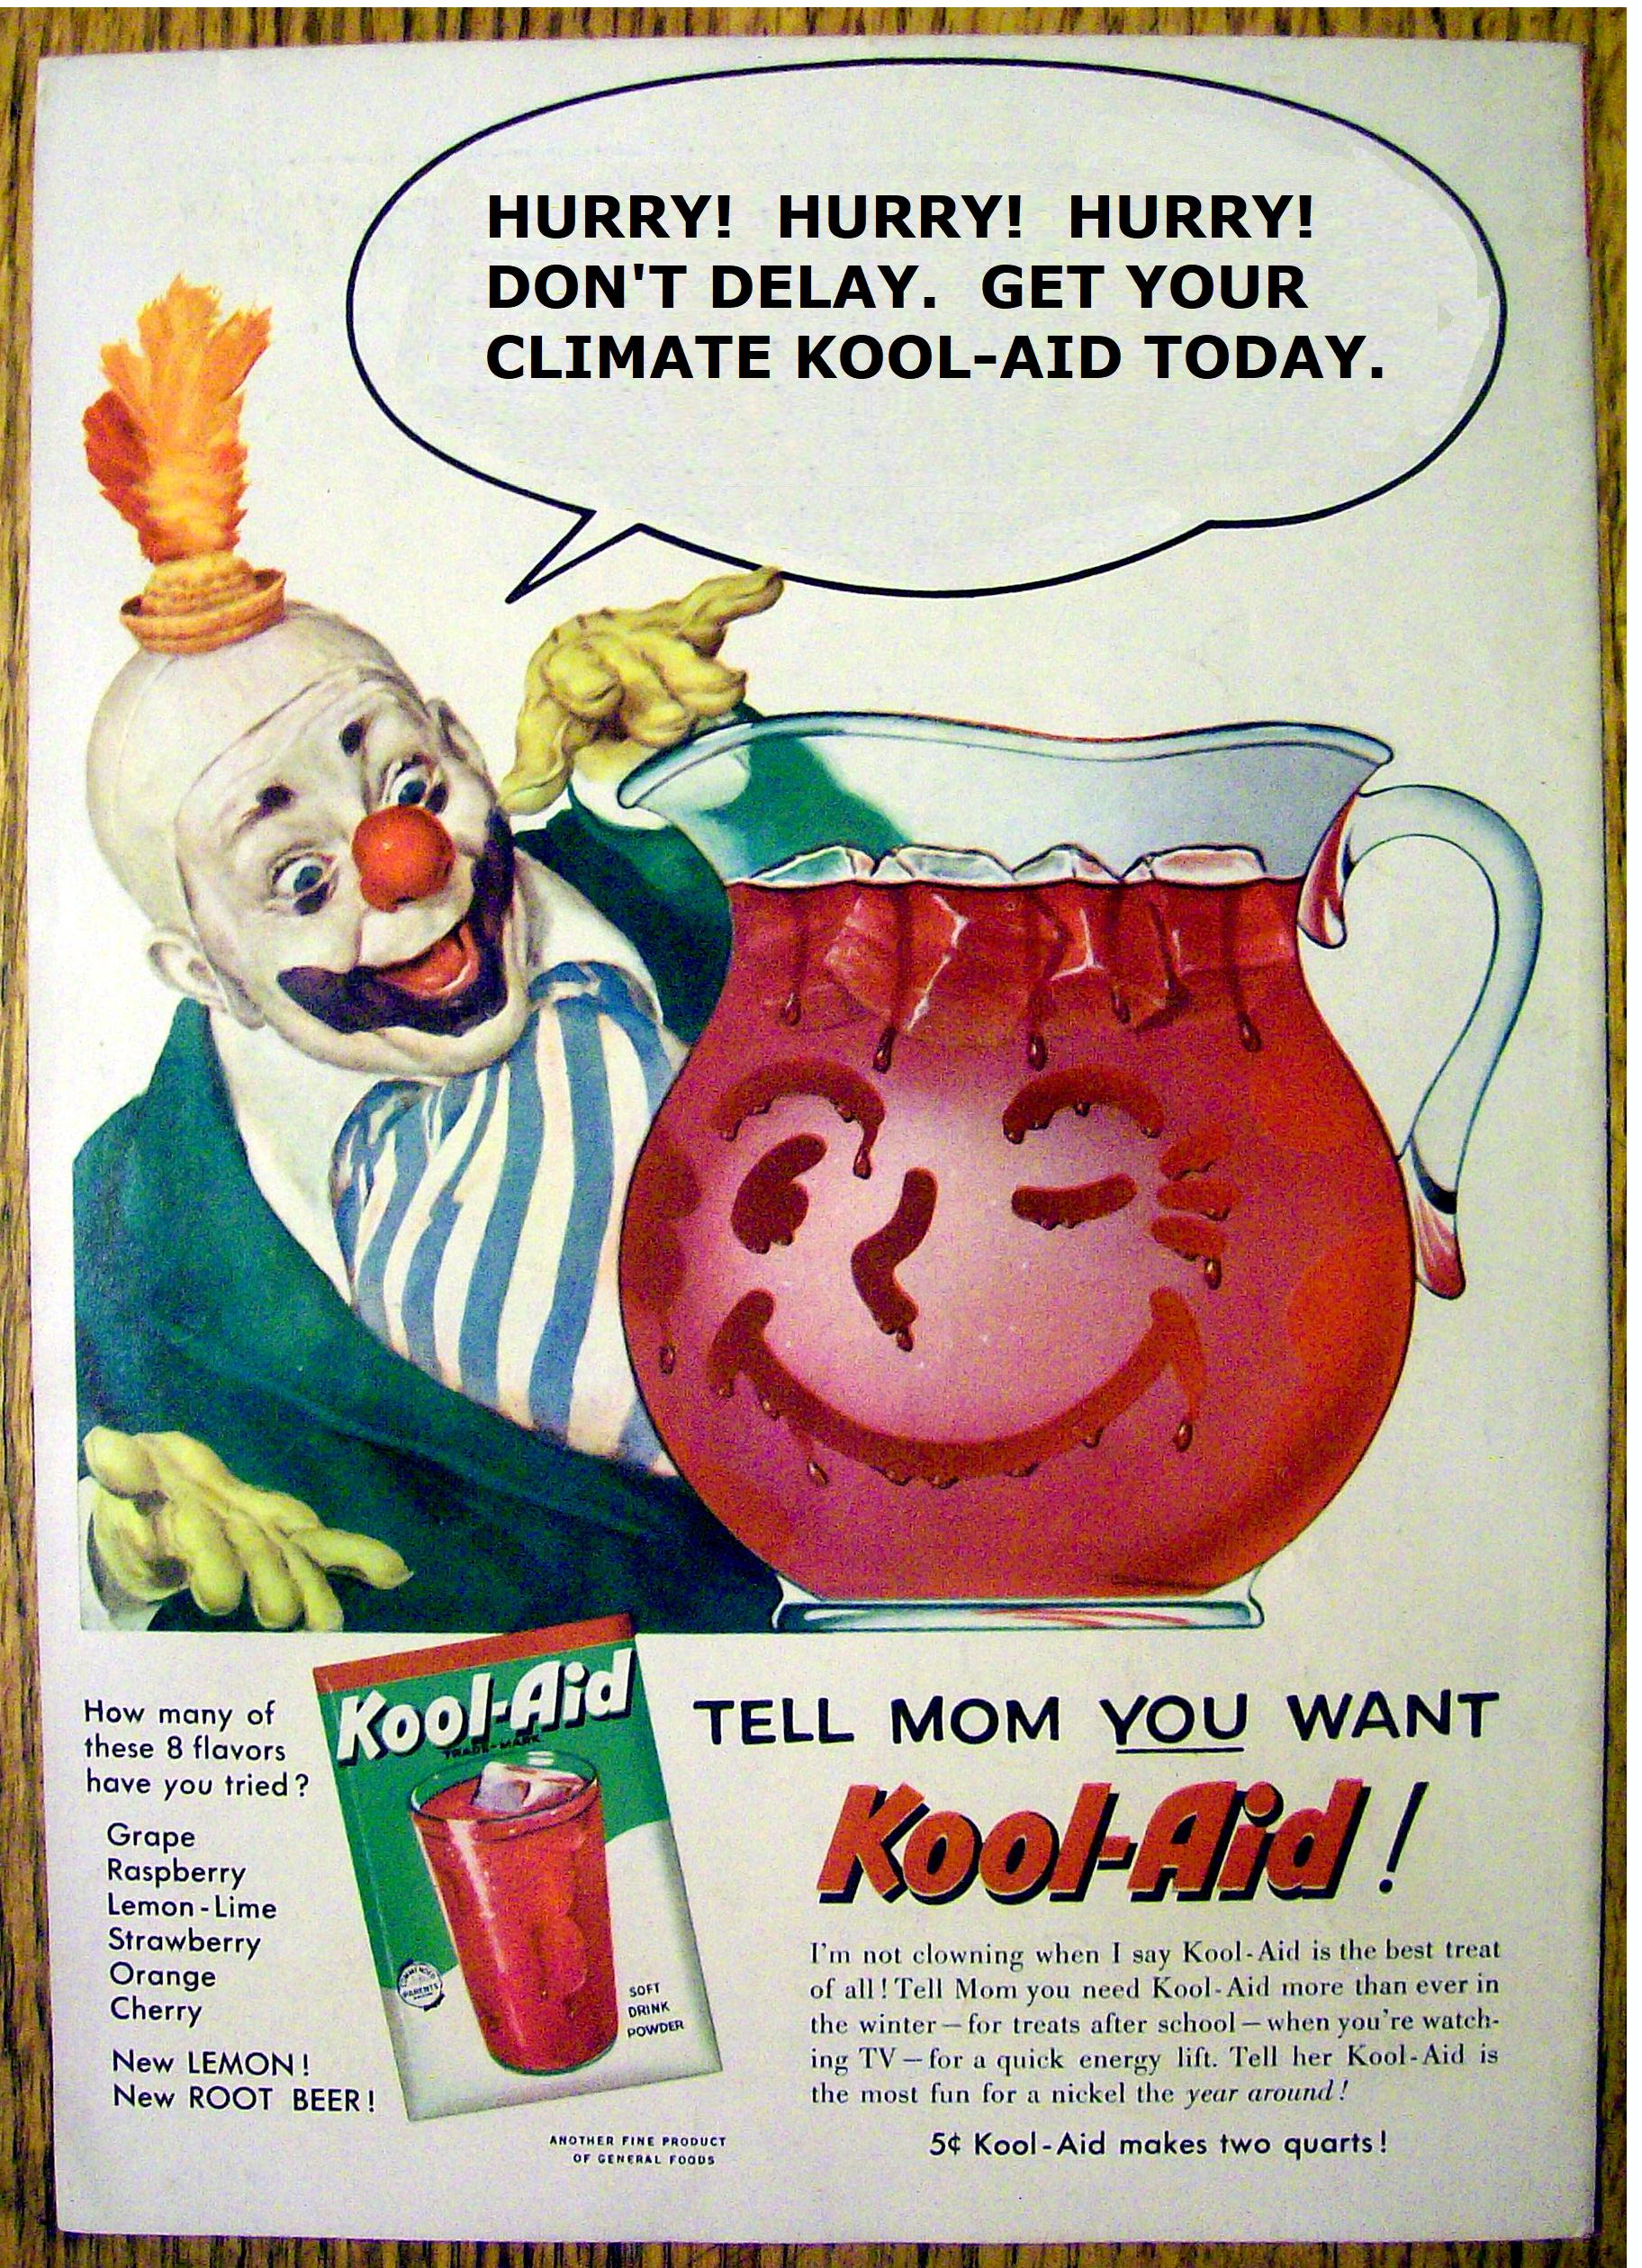 Climate Kool-Aid